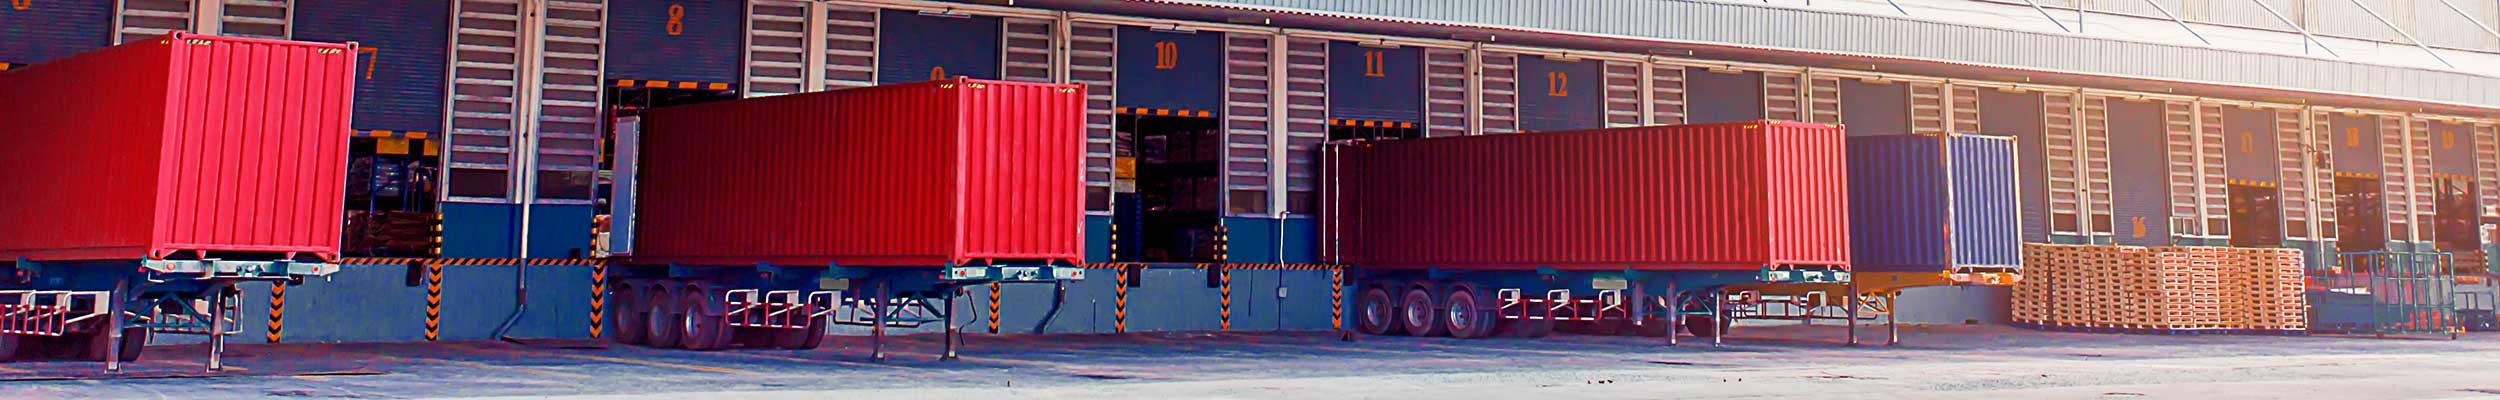 WorldLogistics Laredo S. de R.L. - logística de transporte